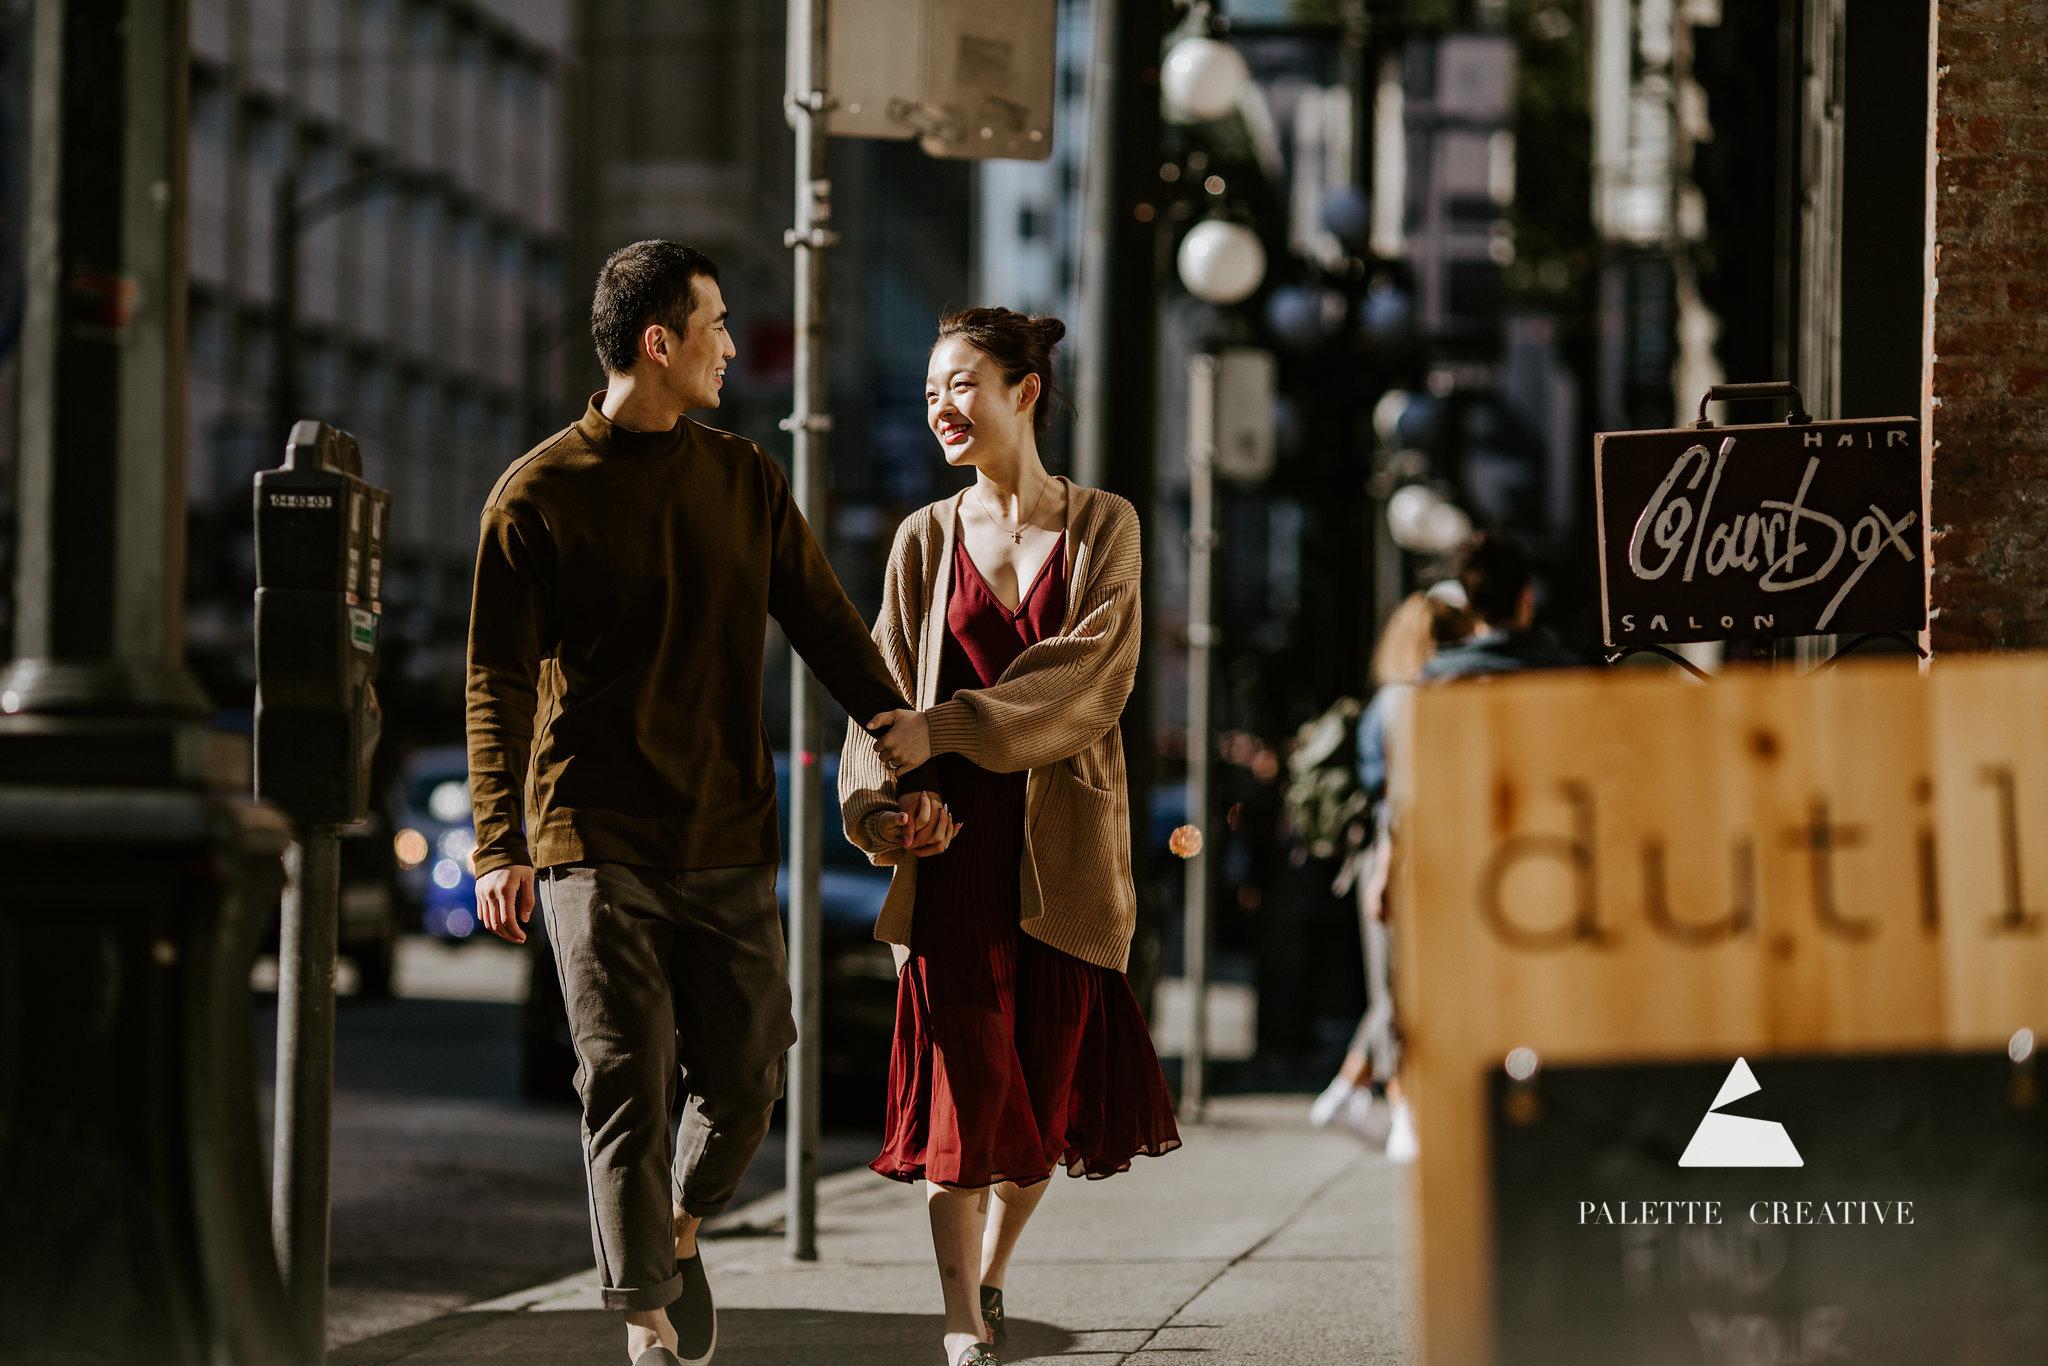 Maria&Aaron-Eshoot-HL-HD-26 (1).JPG